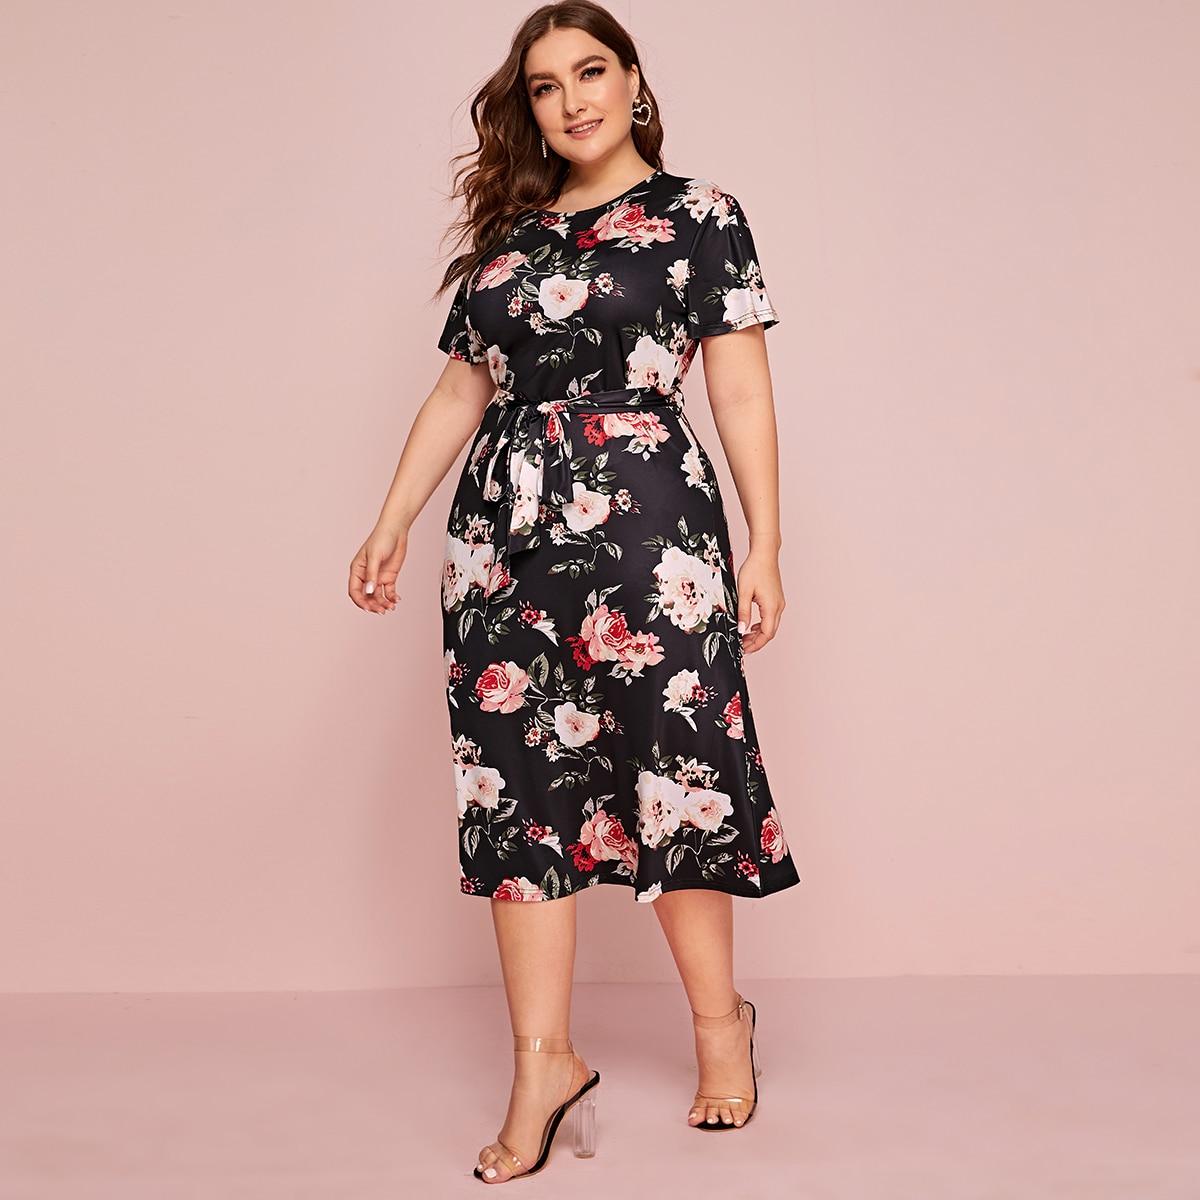 SHEIN / Große Größen - A Linie Kleid mit Blumen Muster und Gürtel